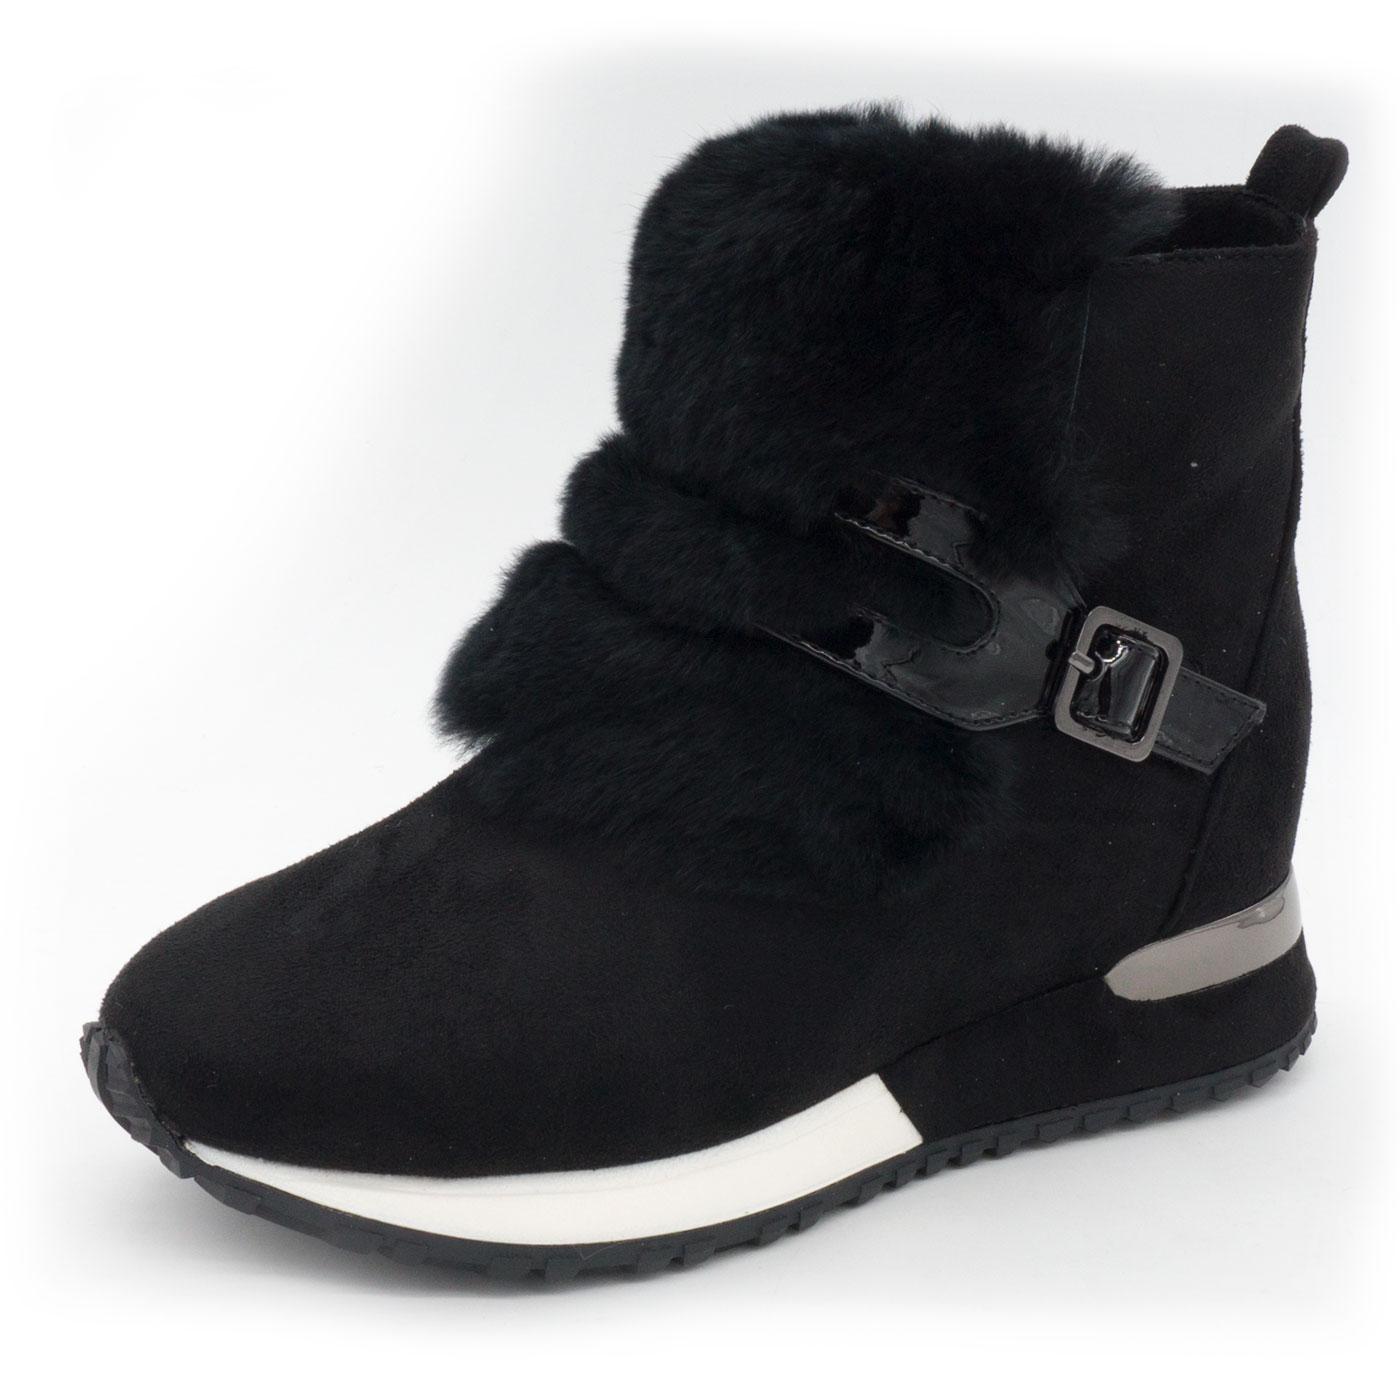 фото main Зимние высокие черные кроссовки LICCI 826-B396M main